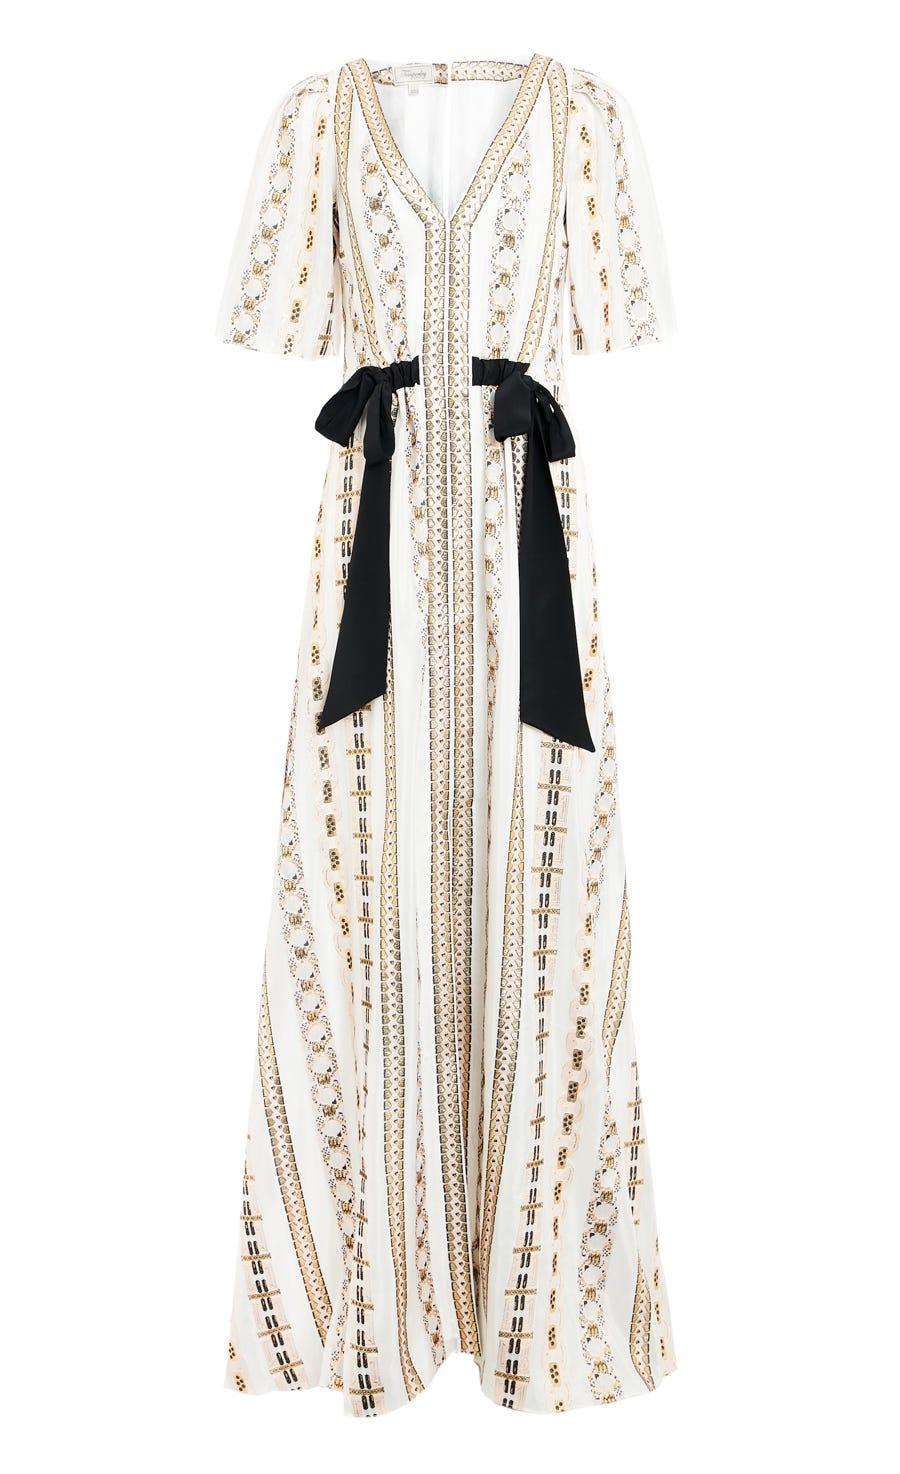 Spirit Sleeved Dress